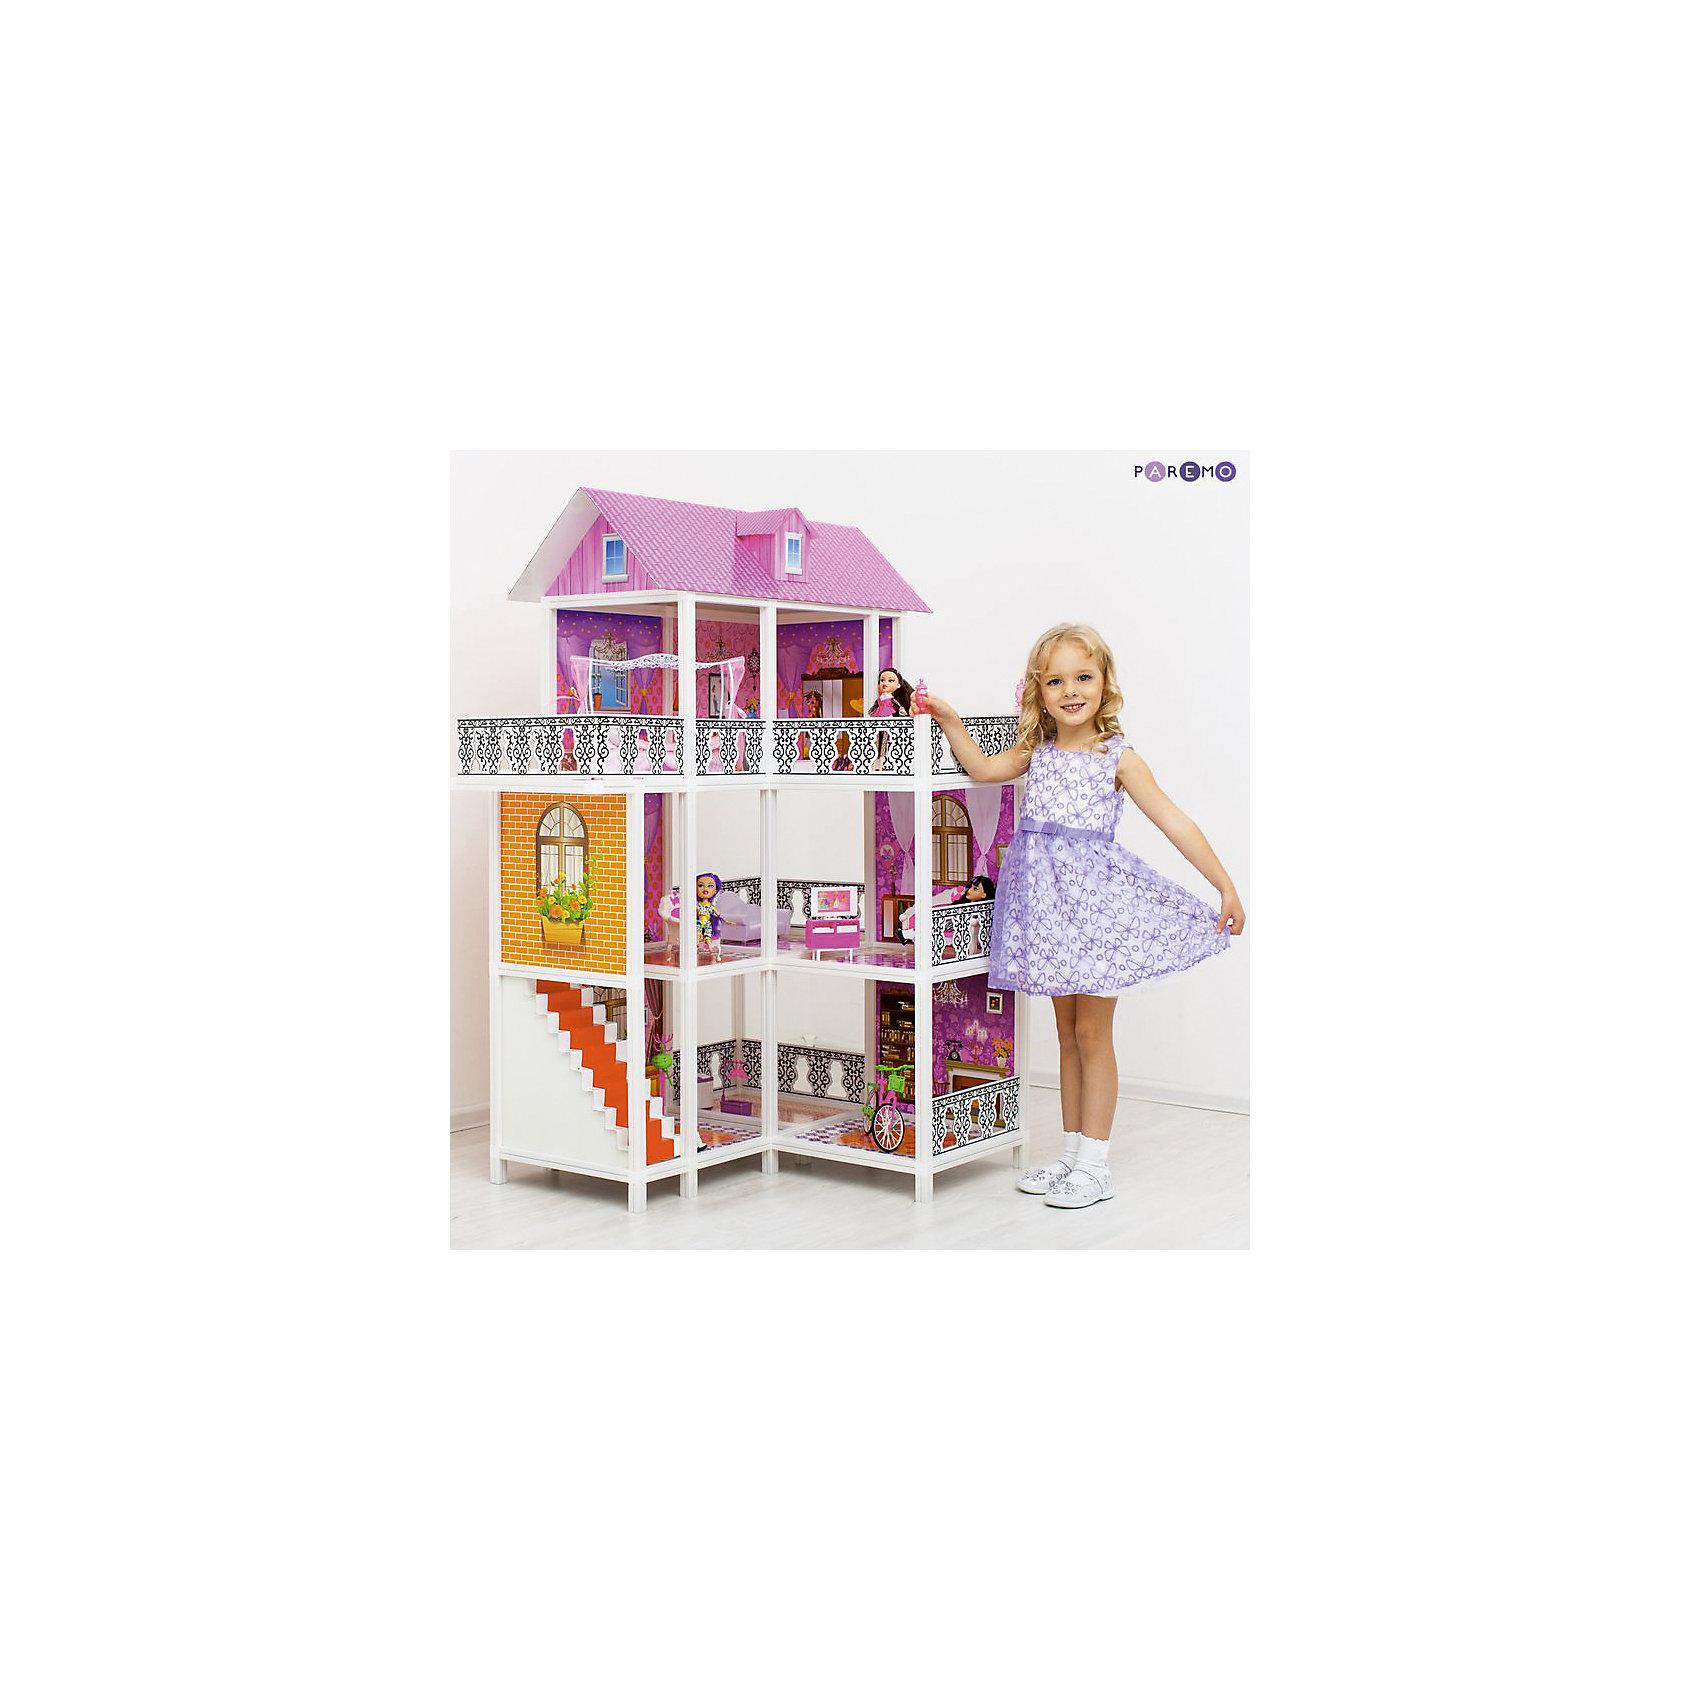 3-этажный кукольный дом (угловой, 6 комнат, мебель, 3 куклы, велосипед), PAREMO3-этажный кукольный дом (угловой, 6 комнат, мебель, 3 куклы, велосипед), PAREMO (Паремо).<br><br>Характеристики:<br><br>? Материал: пластик, картон.<br>? Дом частично открытый (задняя стенка глухая, лицевая часть полностью открыта).<br>? 3 этажа,6 просторных комнат, 2 балкона.<br>? Цвет: розовый, белый.<br>? Подходит для кукол высотой до 30 см. <br>? Конструкция продается в разобранном виде. Инструкция по сборке входит в комплект.<br>? Размер игрушки в собранном виде - 105х76х137 см.<br>? Размер упаковки - 95х16х36 см.<br>? Вес: 10кг.<br>В комплекте:<br>• 17 элементов мебели: тумба под телевизор, телевизор, видеомагнитофон, пульт от телевизора, большой обеденный стол, 3 стула, большая кровать с балдахином, стол для торшера, торшер, ванна, унитаз, стиральная машина, раковина с зеркалом, ведро, уборочная тележка;<br>• 3 куклы с аксессуарами;<br>• велосипед.<br><br>3-этажный кукольный дом (угловой, 6 комнат, мебель, 3 куклы, велосипед), PAREMO (Паремо) –это игрушка- мечта от российского производителя. Очаровательный дом предназначен для сюжетно-ролевых игр («Семья», «Дочки- матери» и т. п.) Домик выполнен в нежных бело-розовых тонах с ярко- розовой крышей, имитирующей черепичную кладку. Внутренний декор поддерживает цветовое решение. Стены, пол, потолок декорированы под различные типы покрытий - плитка, обои, ковролин. В доме 3 этажа, 6 просторных комнат. Юная леди, проявив фантазию, самостоятельно может расположить комнаты по своему вкусу. Игры с таким домиком помогают развить в девочке фантазию, творческие способности, поможет ребенку почувствовать себя взрослой и самостоятельной. Материалы, из которых изготовлен домик, полностью соответствуют российским стандартам безопасности. Ваша малышка будет счастлива, получить в подарок славный нарядный домик для своих любимых кукол!<br><br>3-этажный кукольный дом (угловой, 6 комнат, мебель, 3 куклы, велосипед), PAREMO, можно купить в нашем интернет